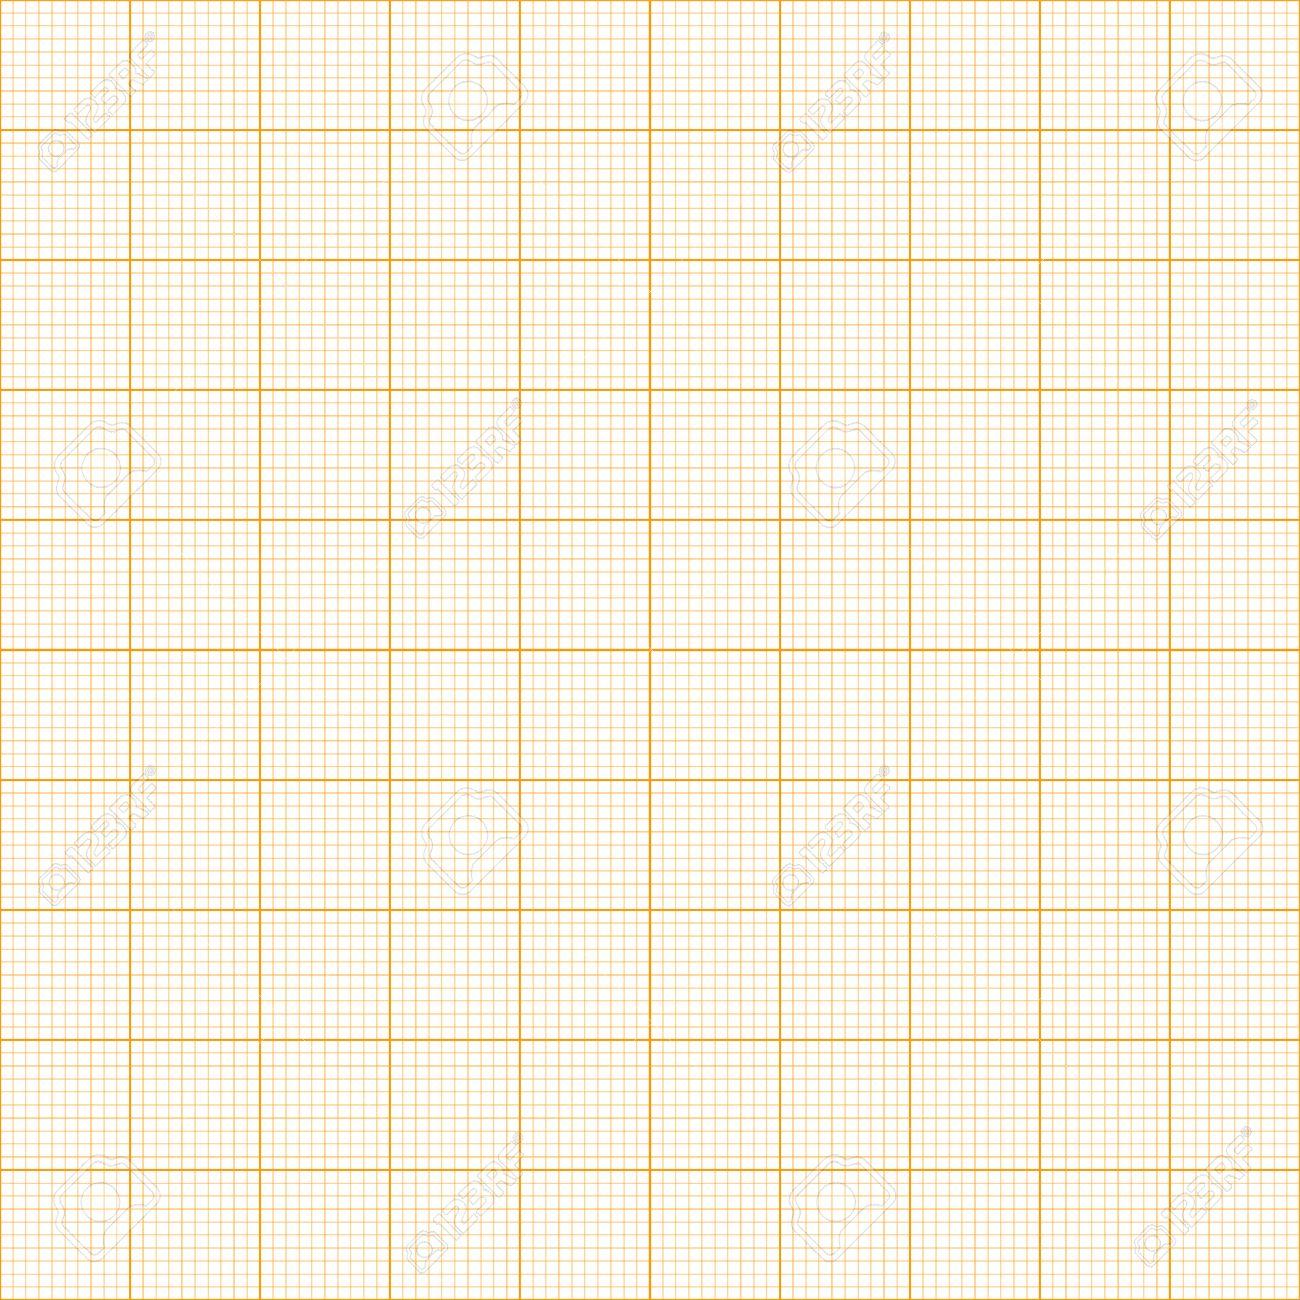 طفيلي خفض الجنوب الشرقي ورق رسم بياني A4 Diysparks Com